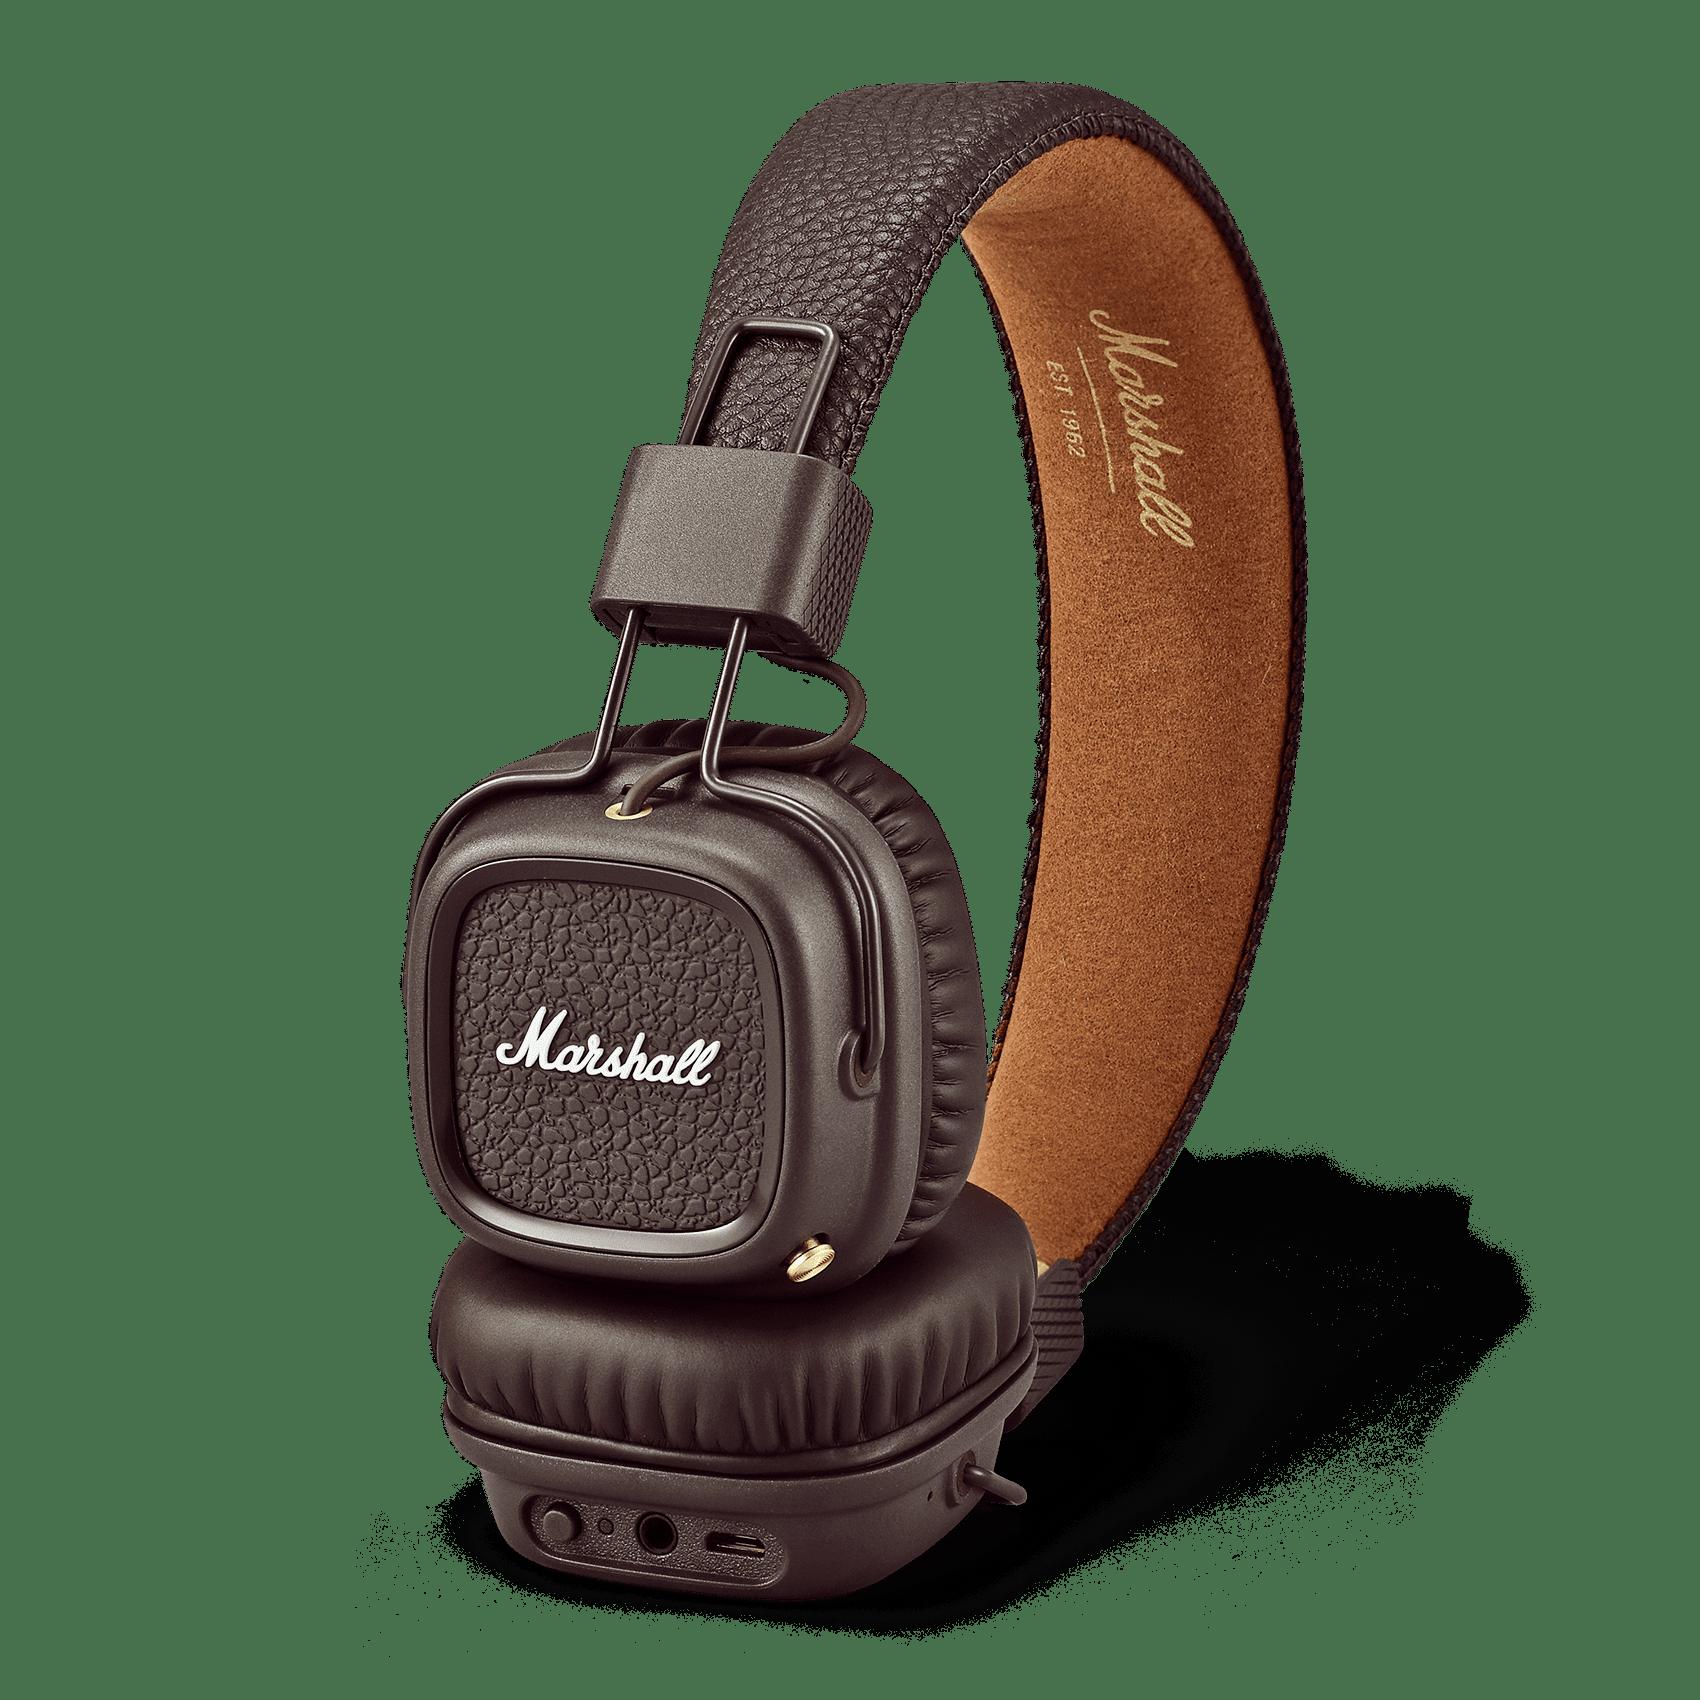 Major II Bluetooth - Wireless Headphones | Marshall